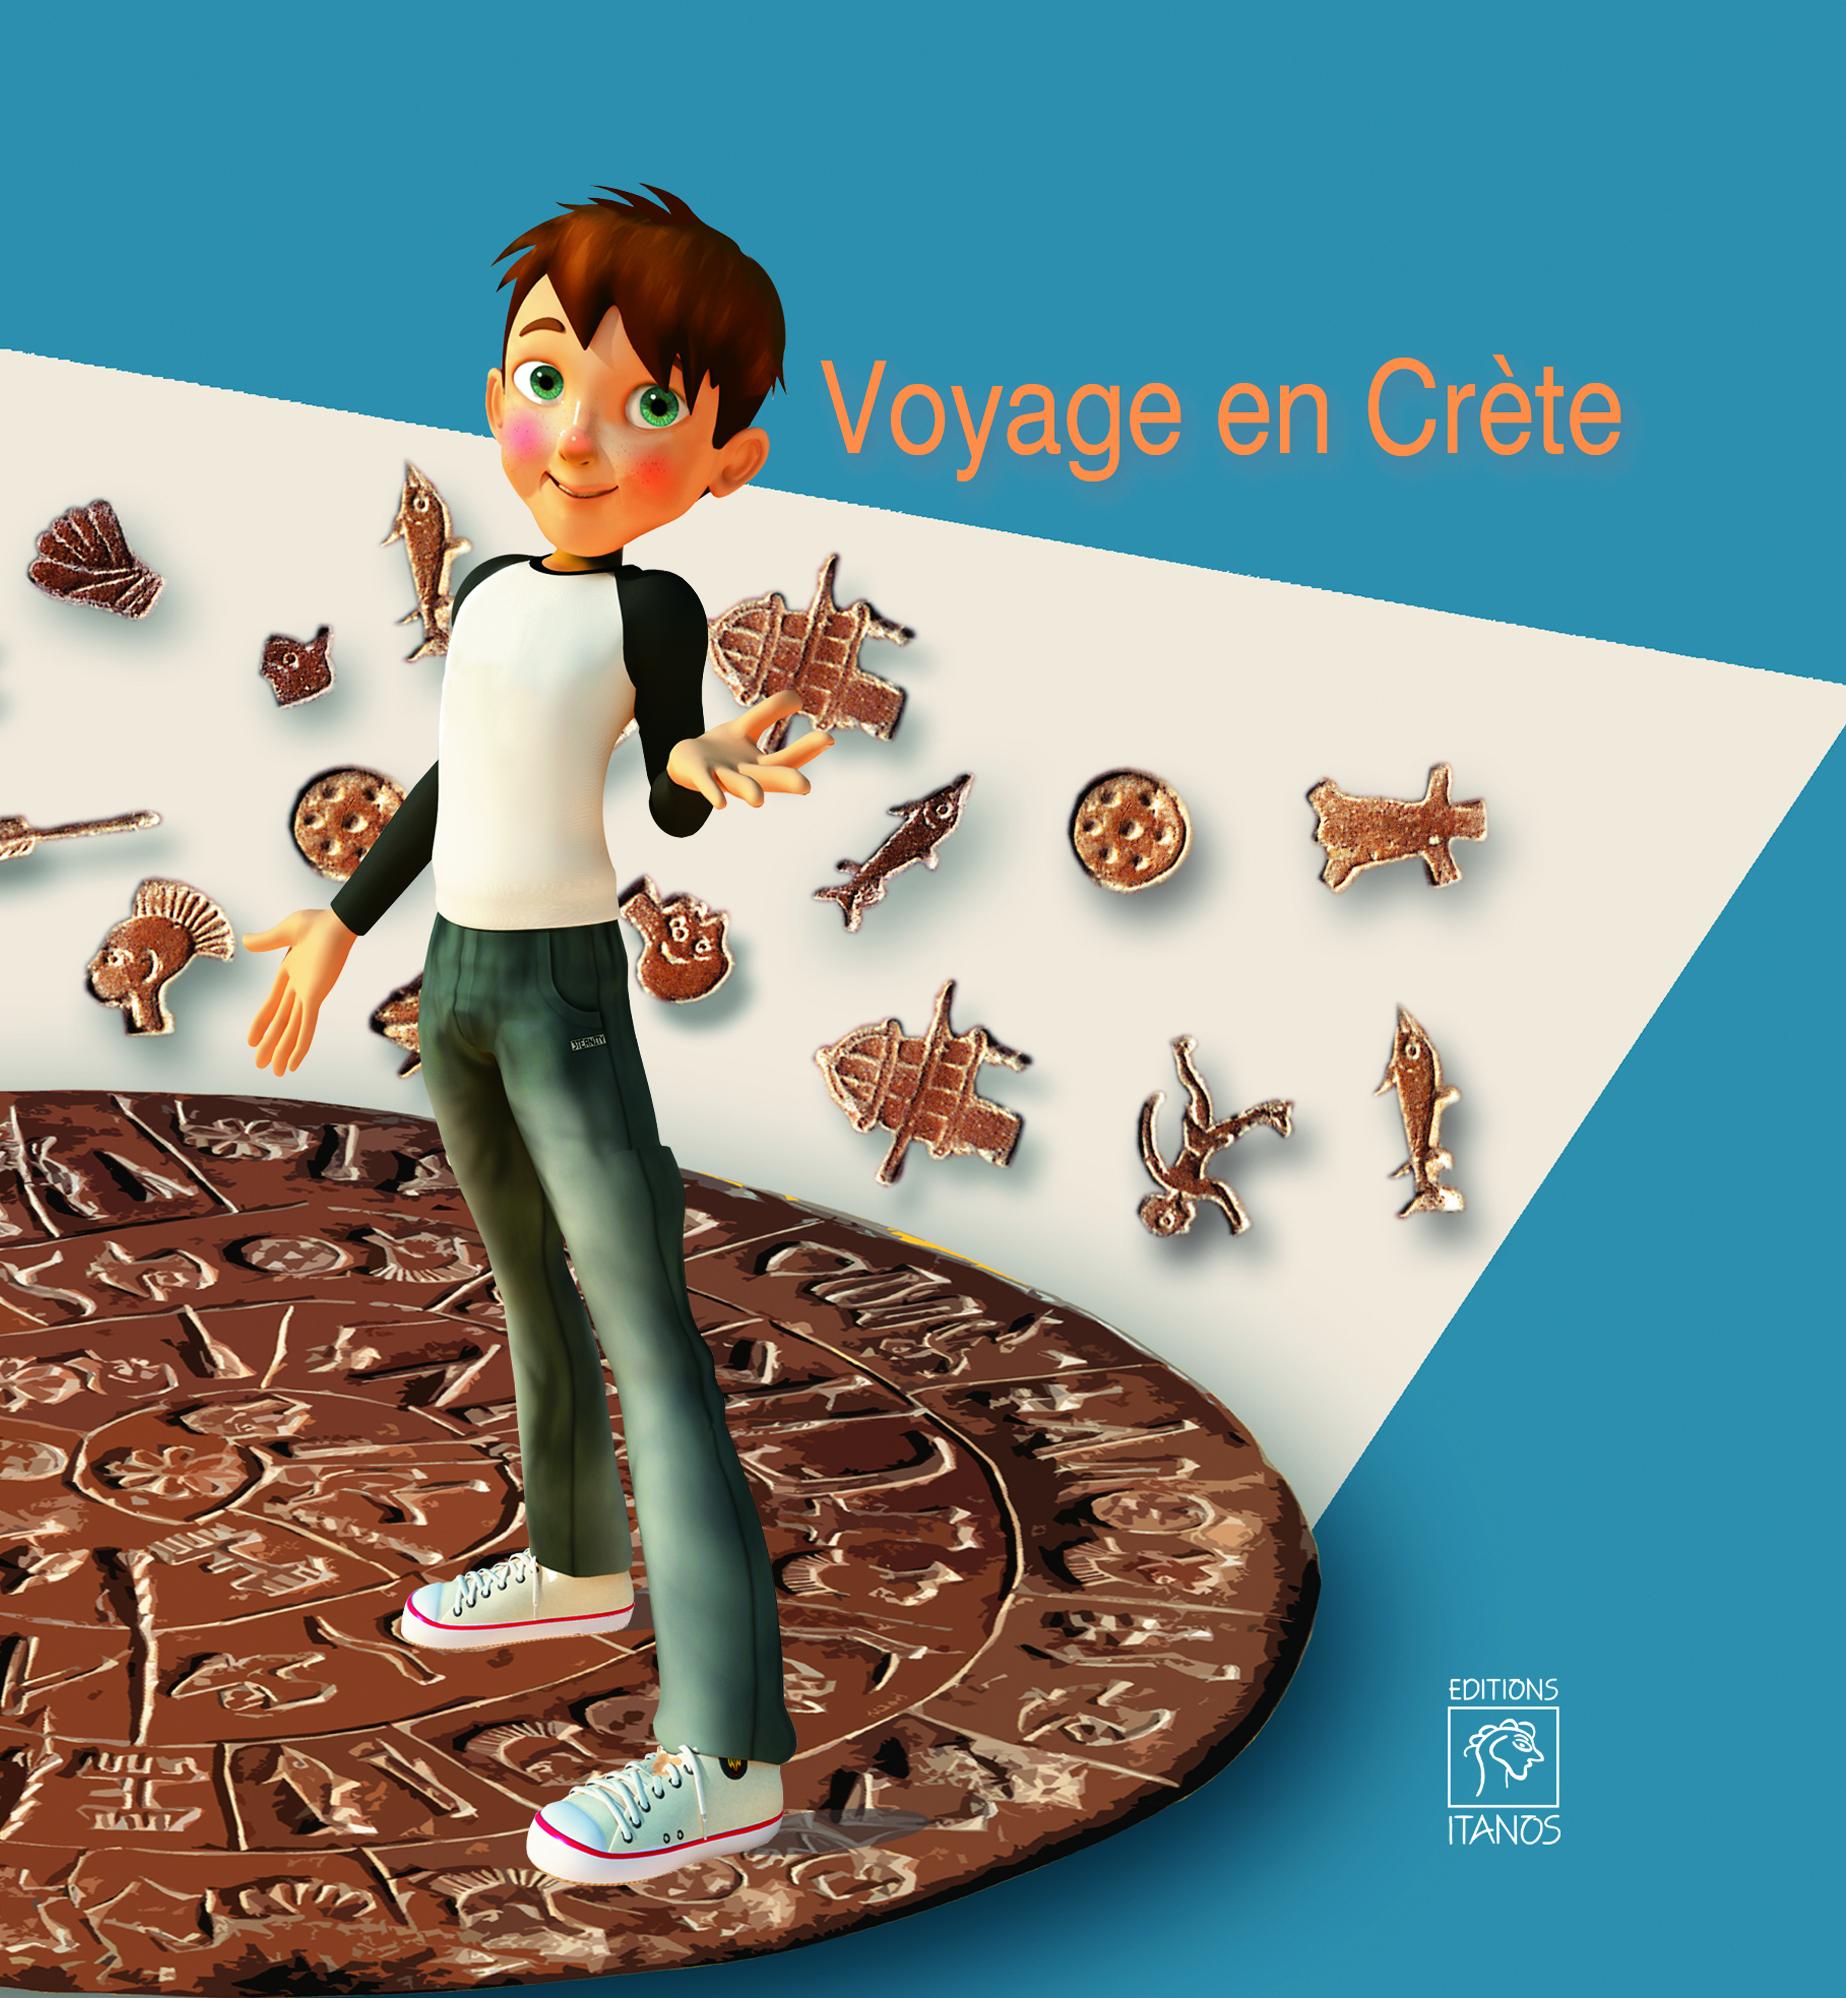 Voyage to Crète